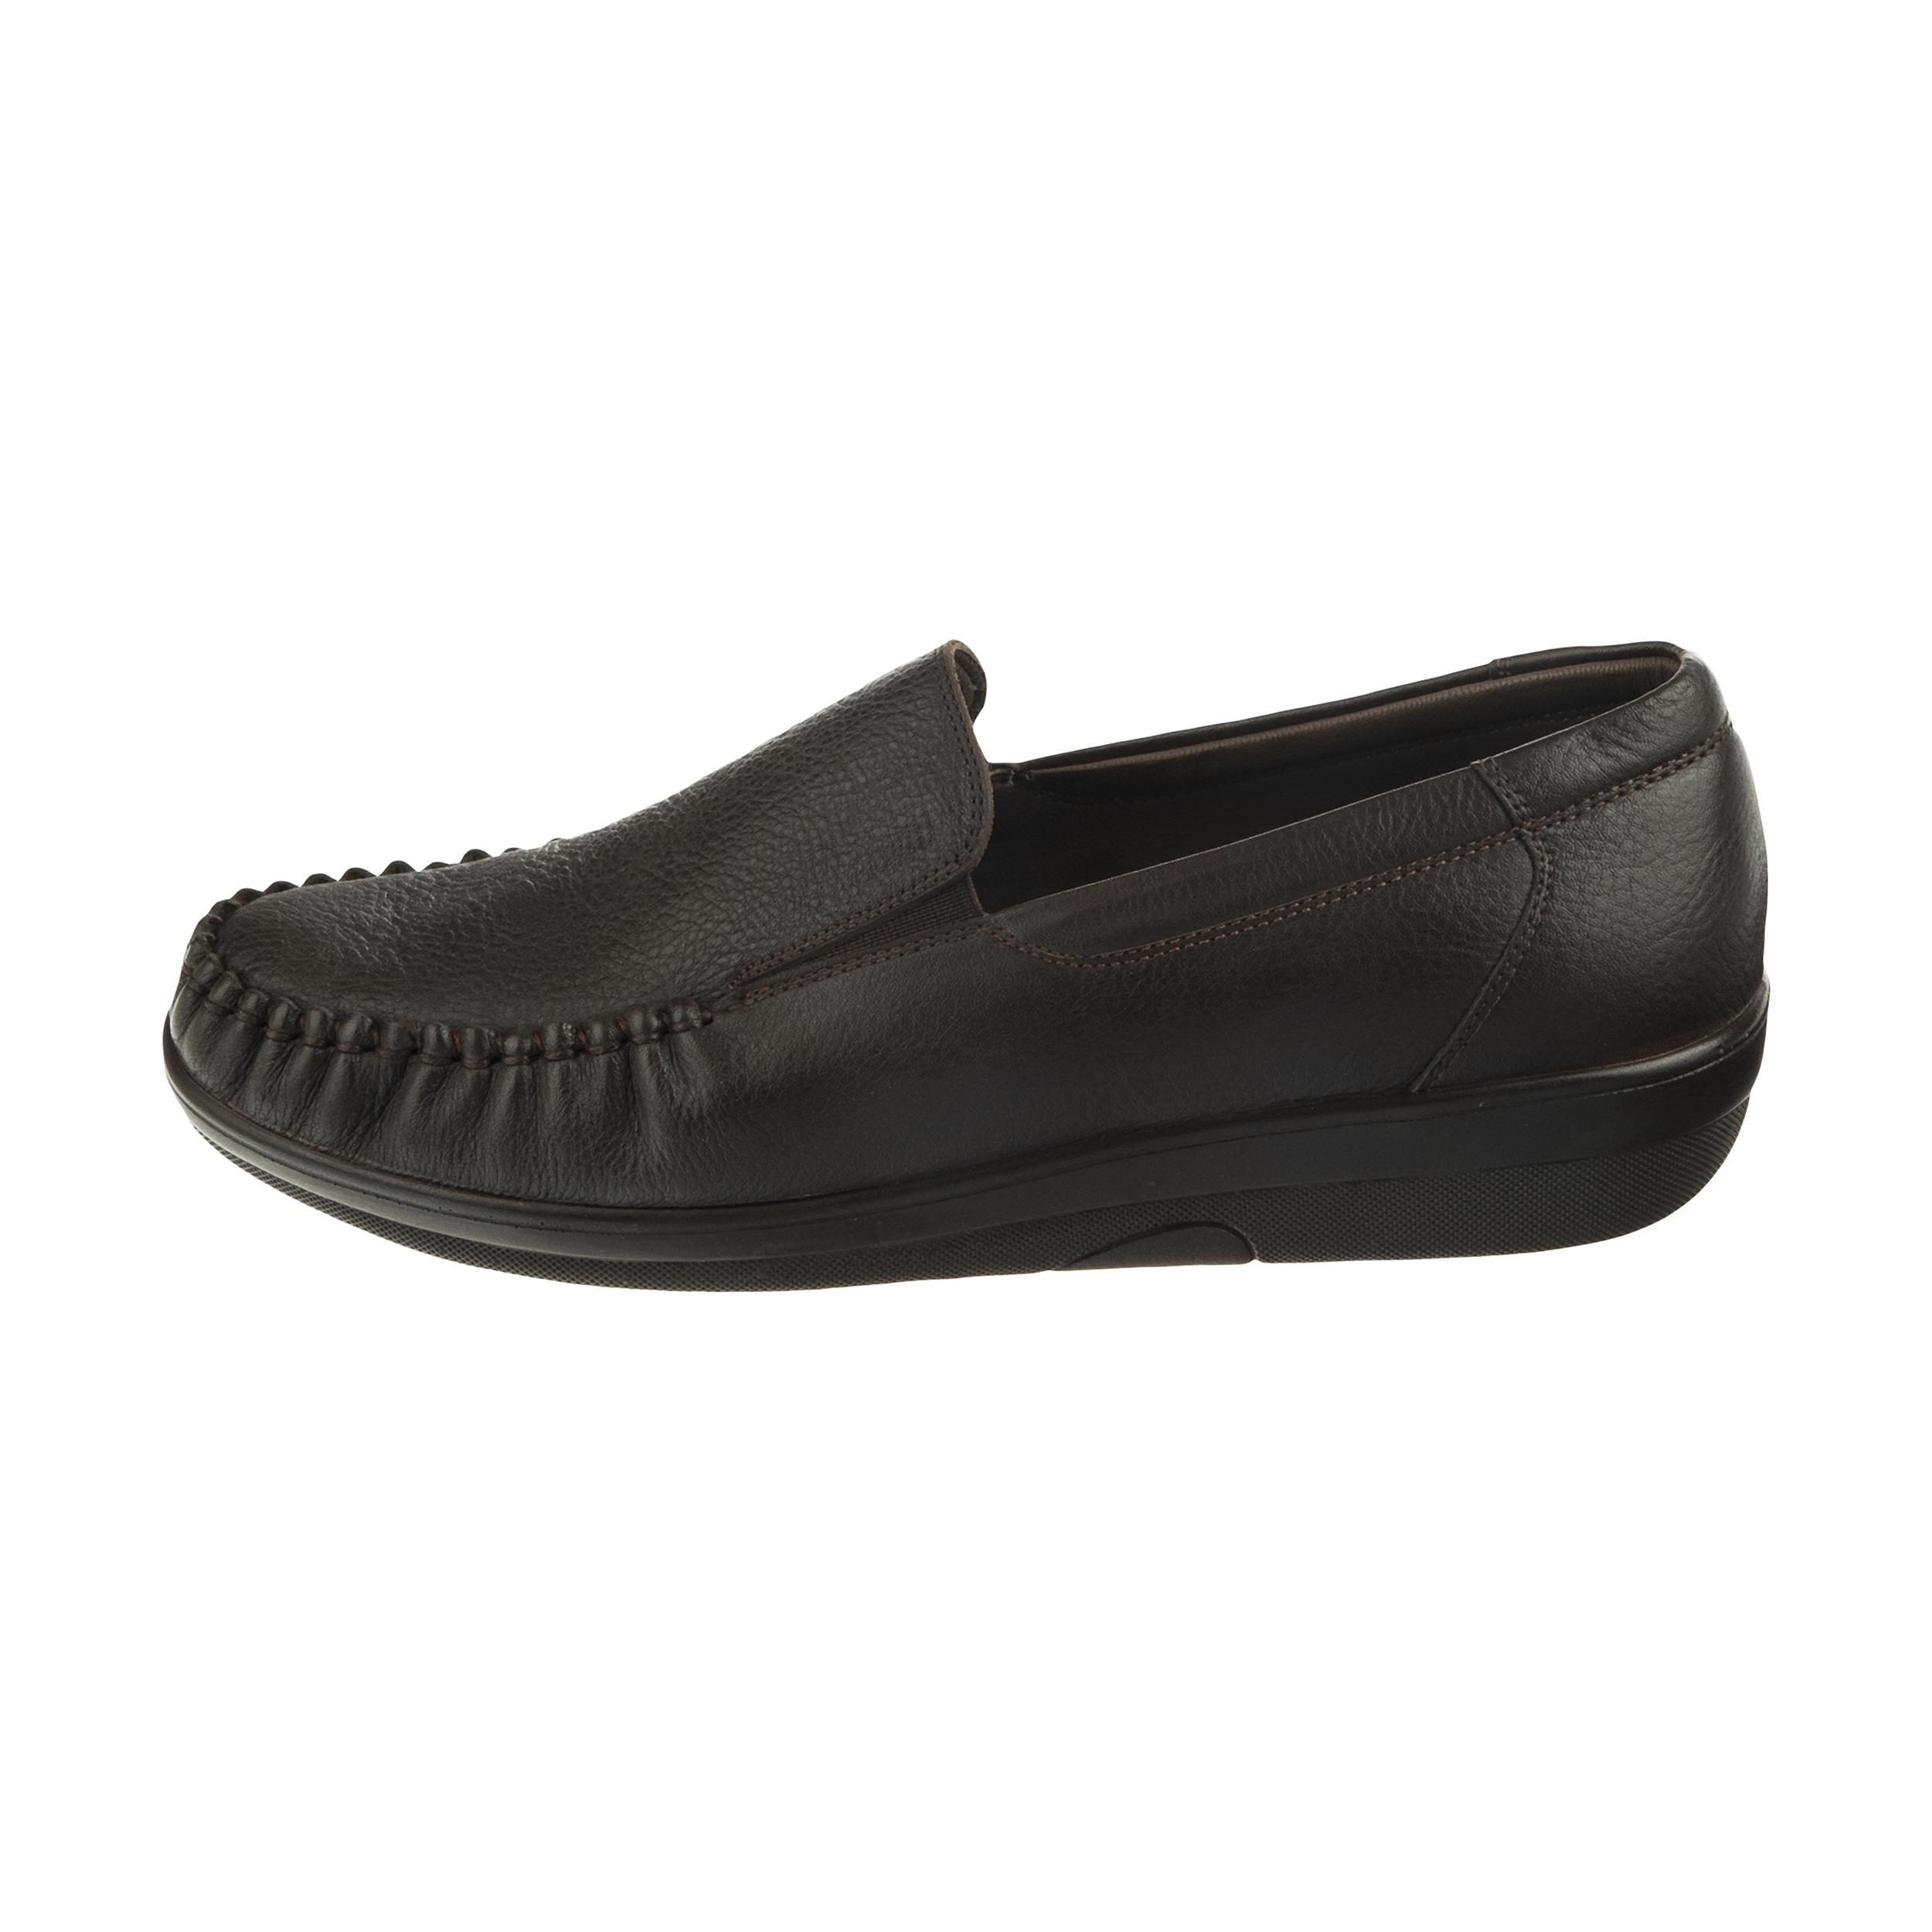 تصویر کفش روزمره زنانه برتونیکس مدل O-862-25